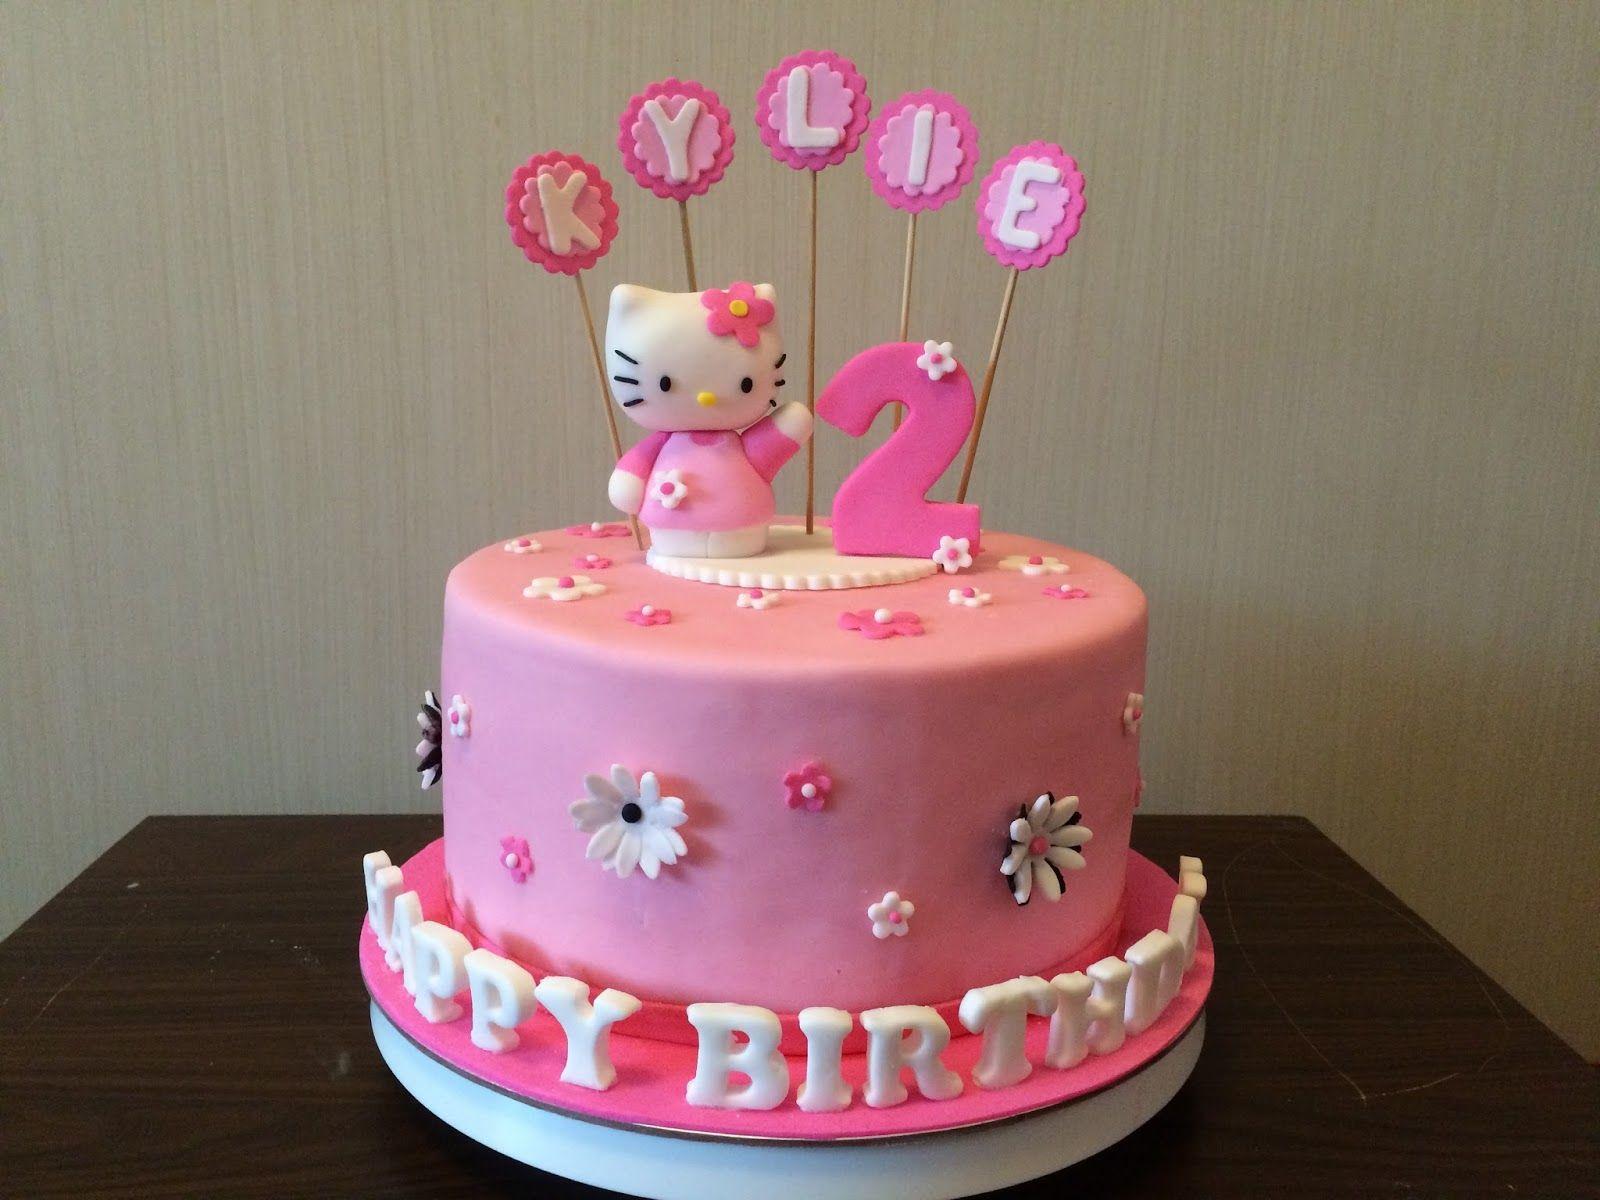 مجموعة مختارة من أجمل رسائل عيد ميلاد سعيد وتجدون أيضا صور تورتة عيد ميلاد سعيد للبنات والولاد وأيضا Hello Kitty Cake Happy Birthday Cakes Happy 2nd Birthday